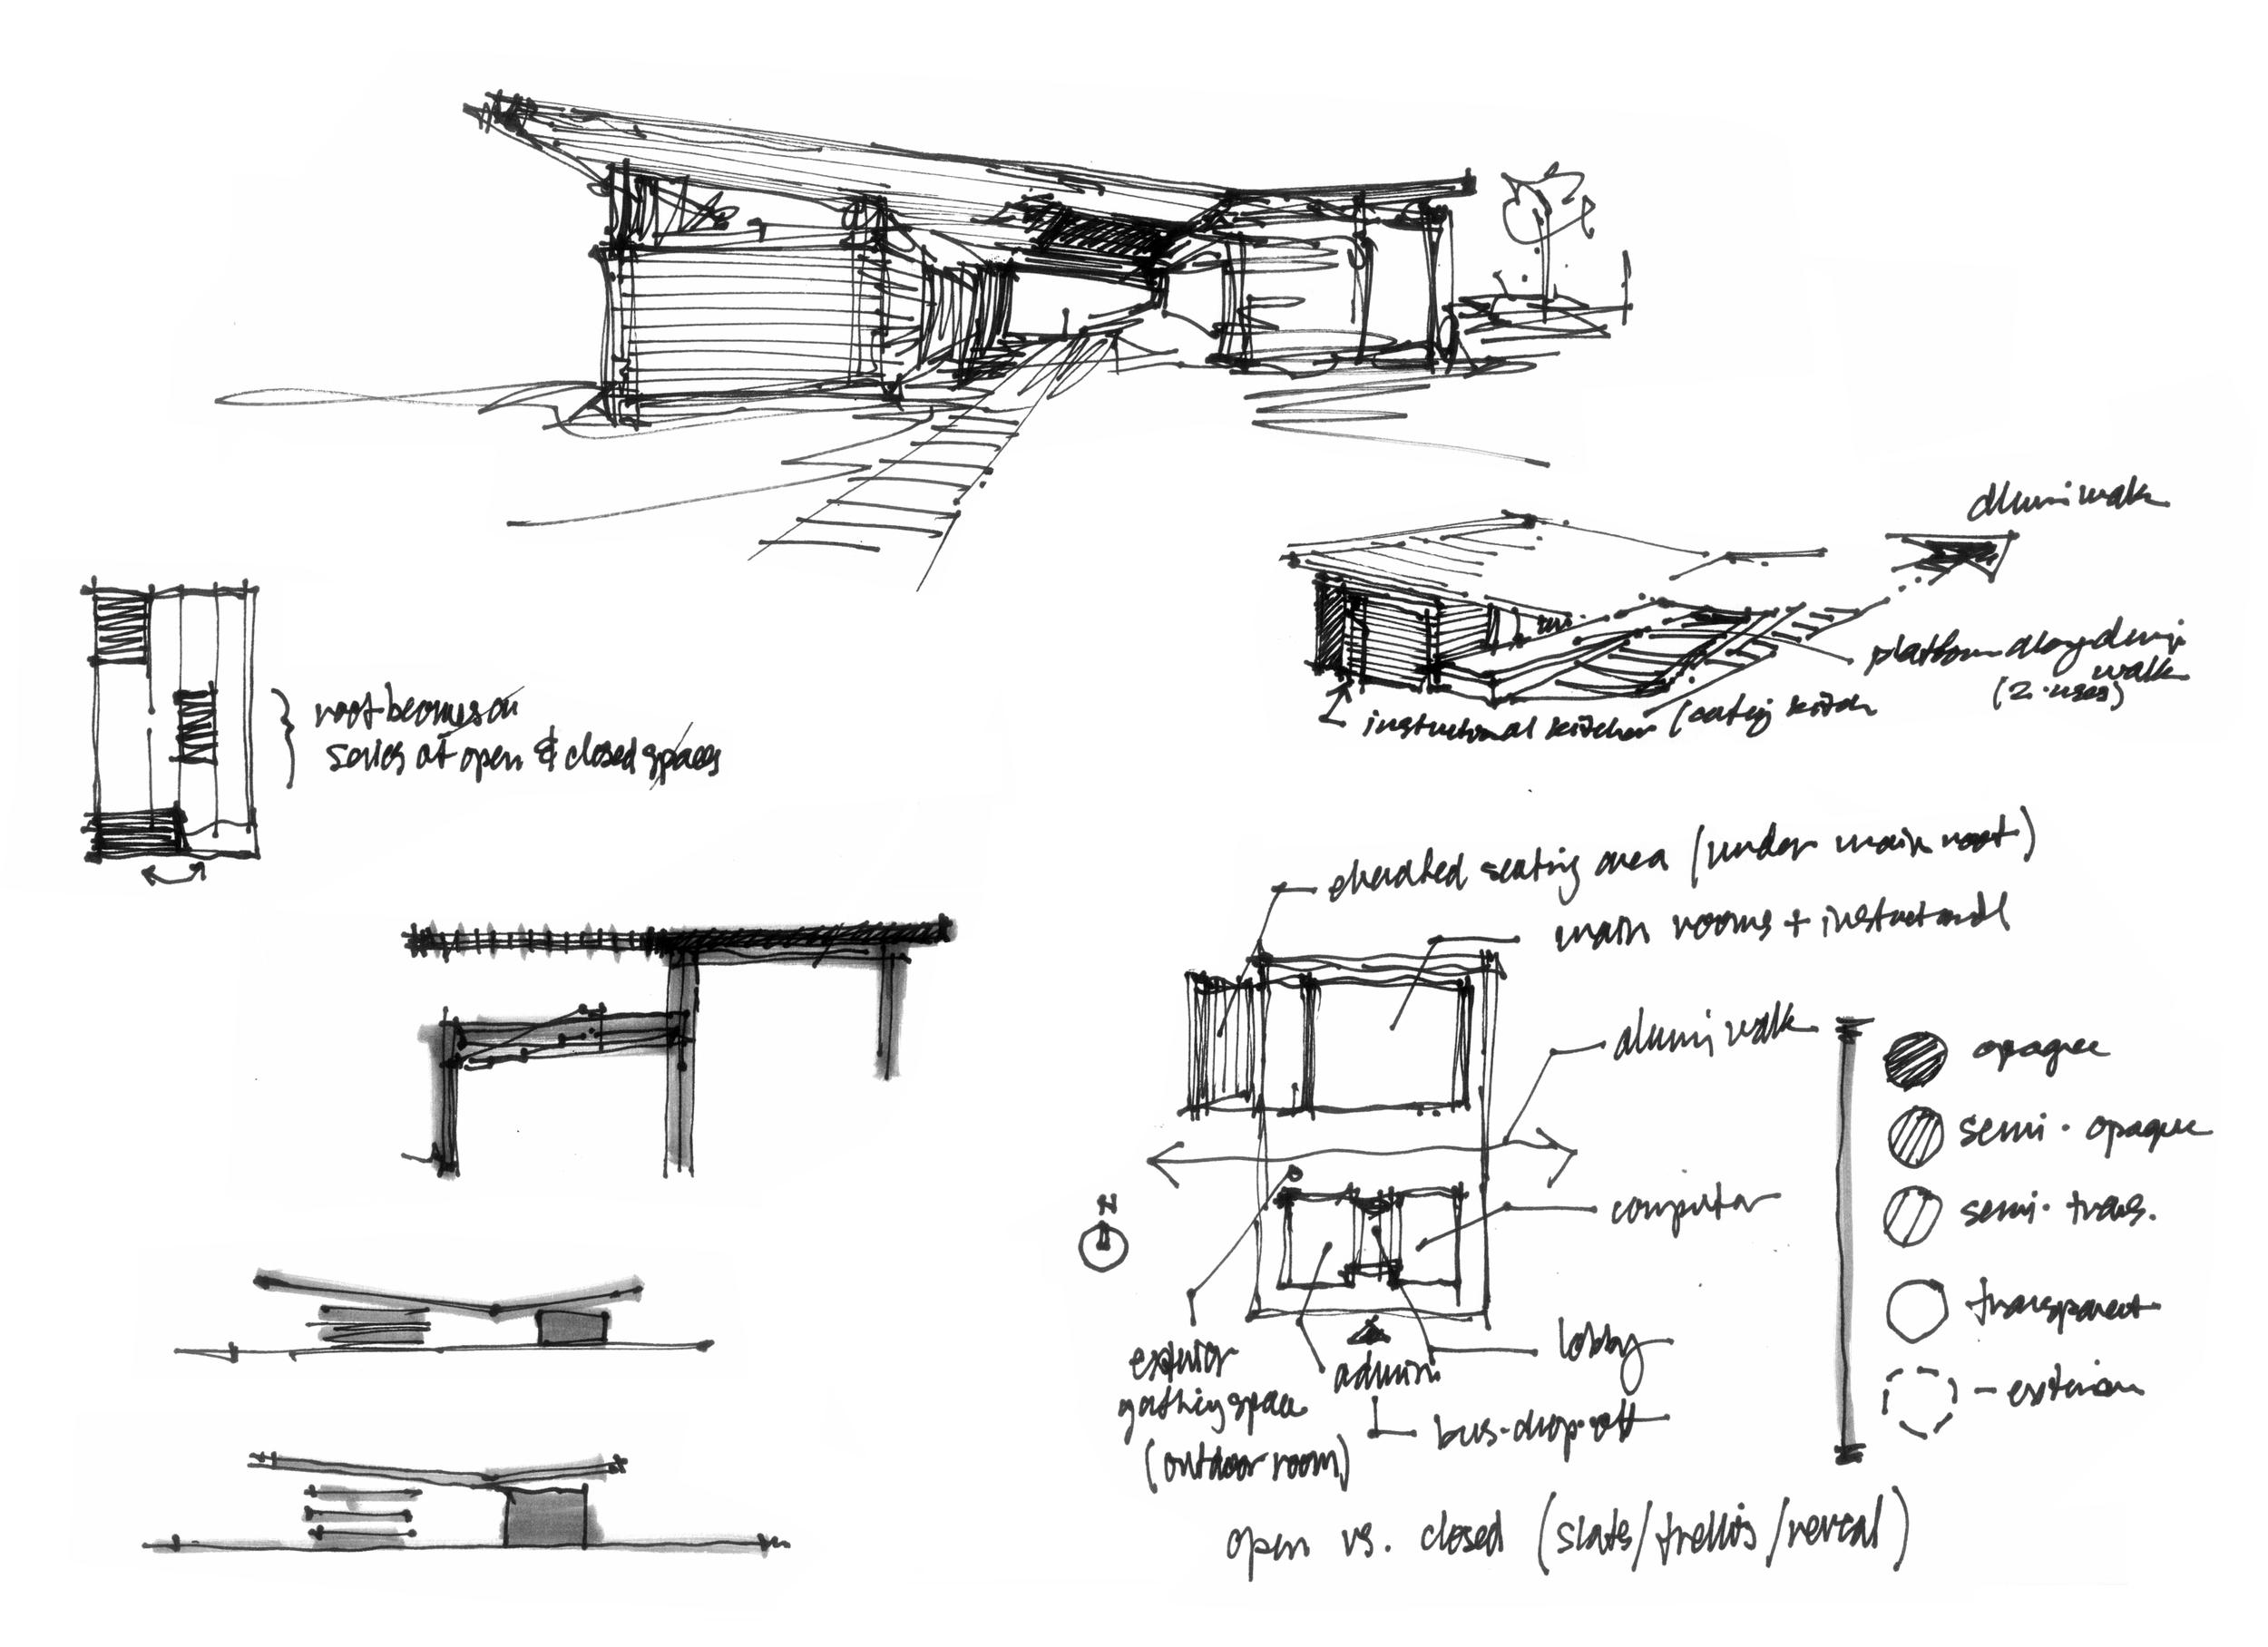 LAVC_sketch-19.jpg